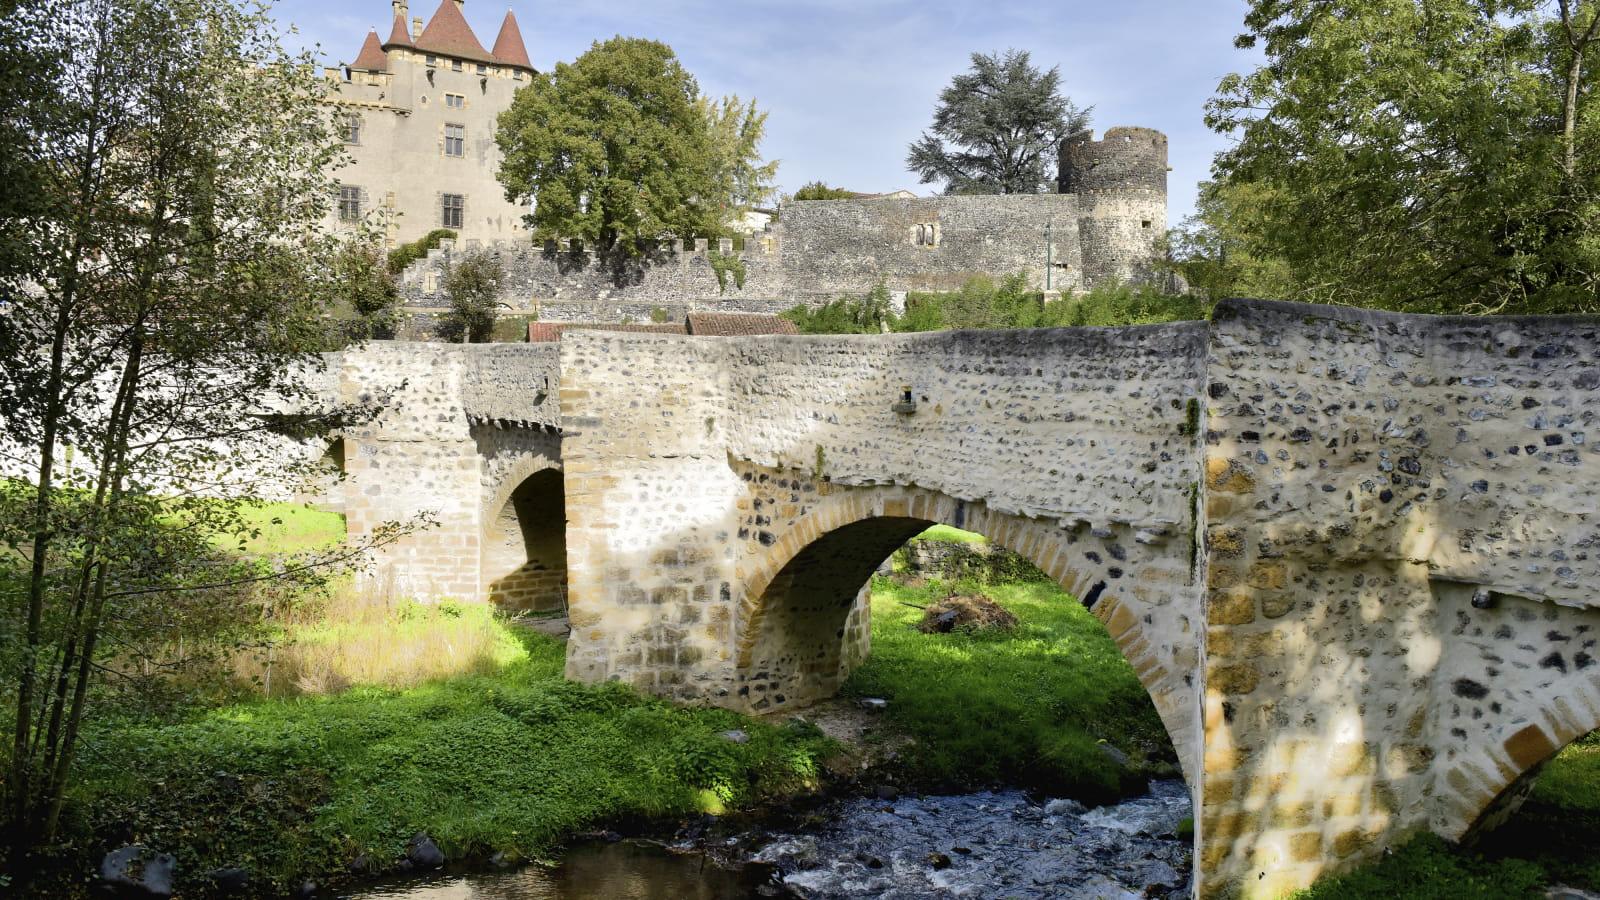 Pont de la Monne à Saint-Amant-Tallende